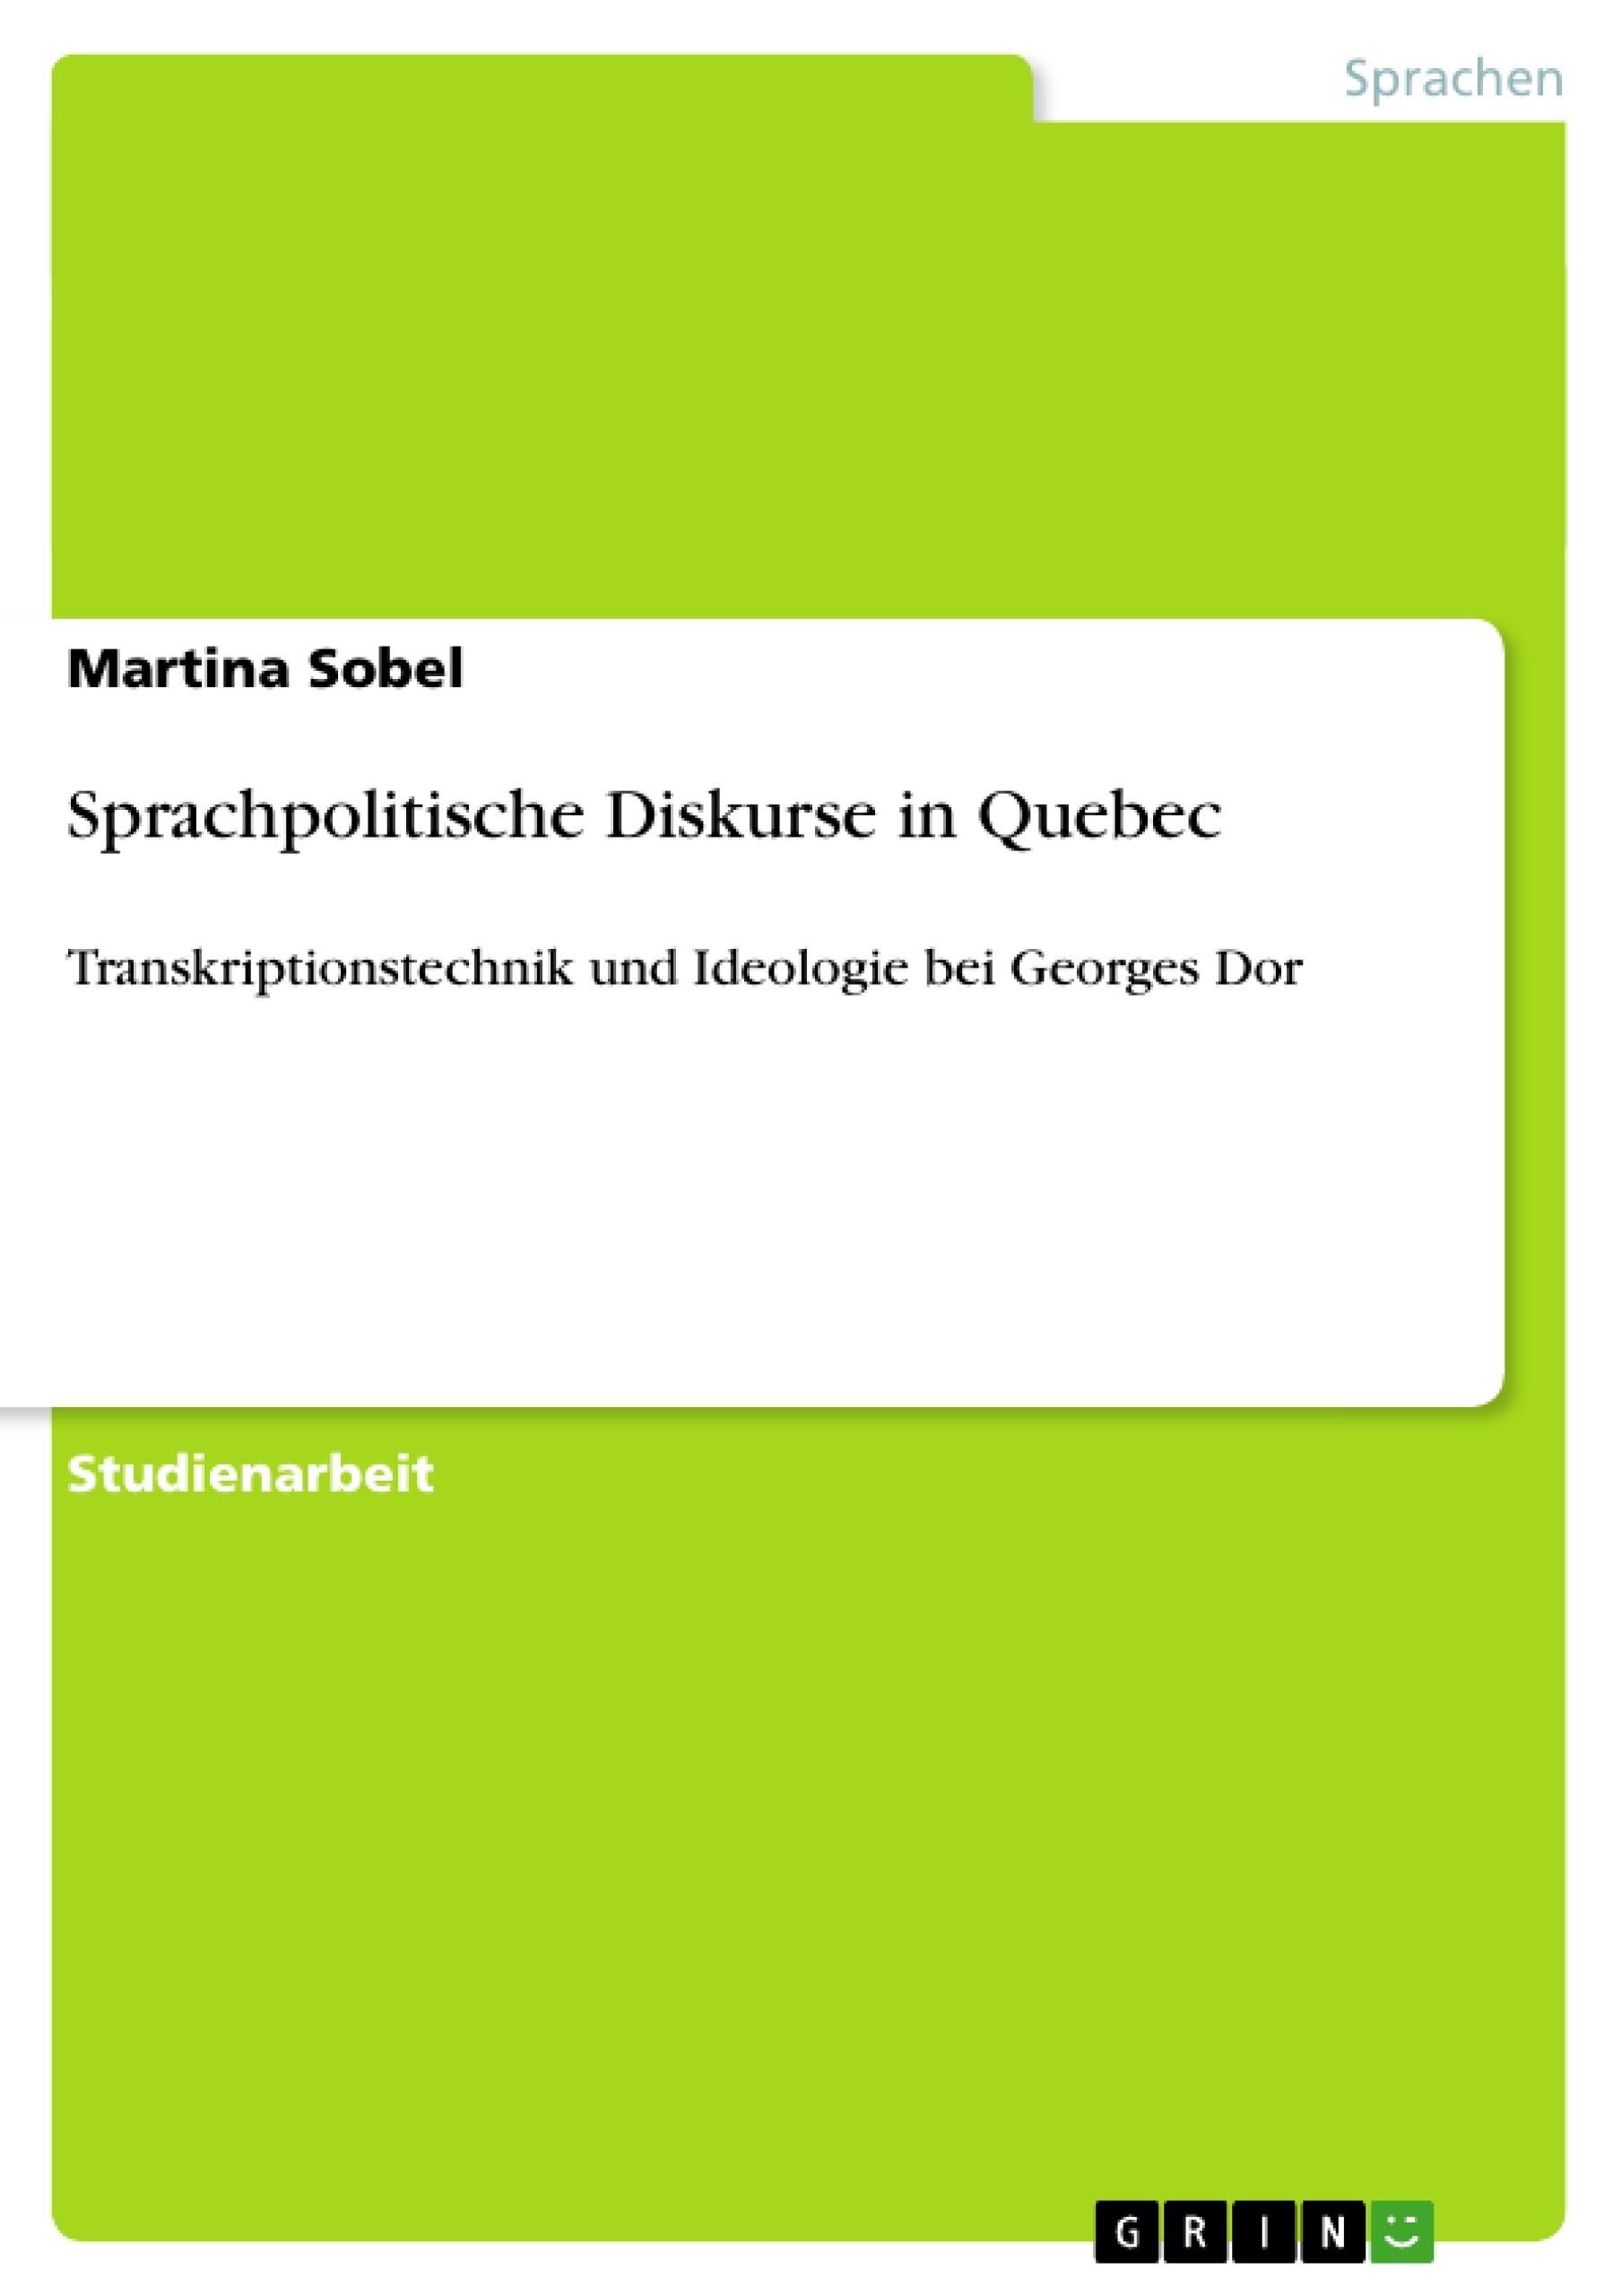 Titel: Sprachpolitische Diskurse in Quebec